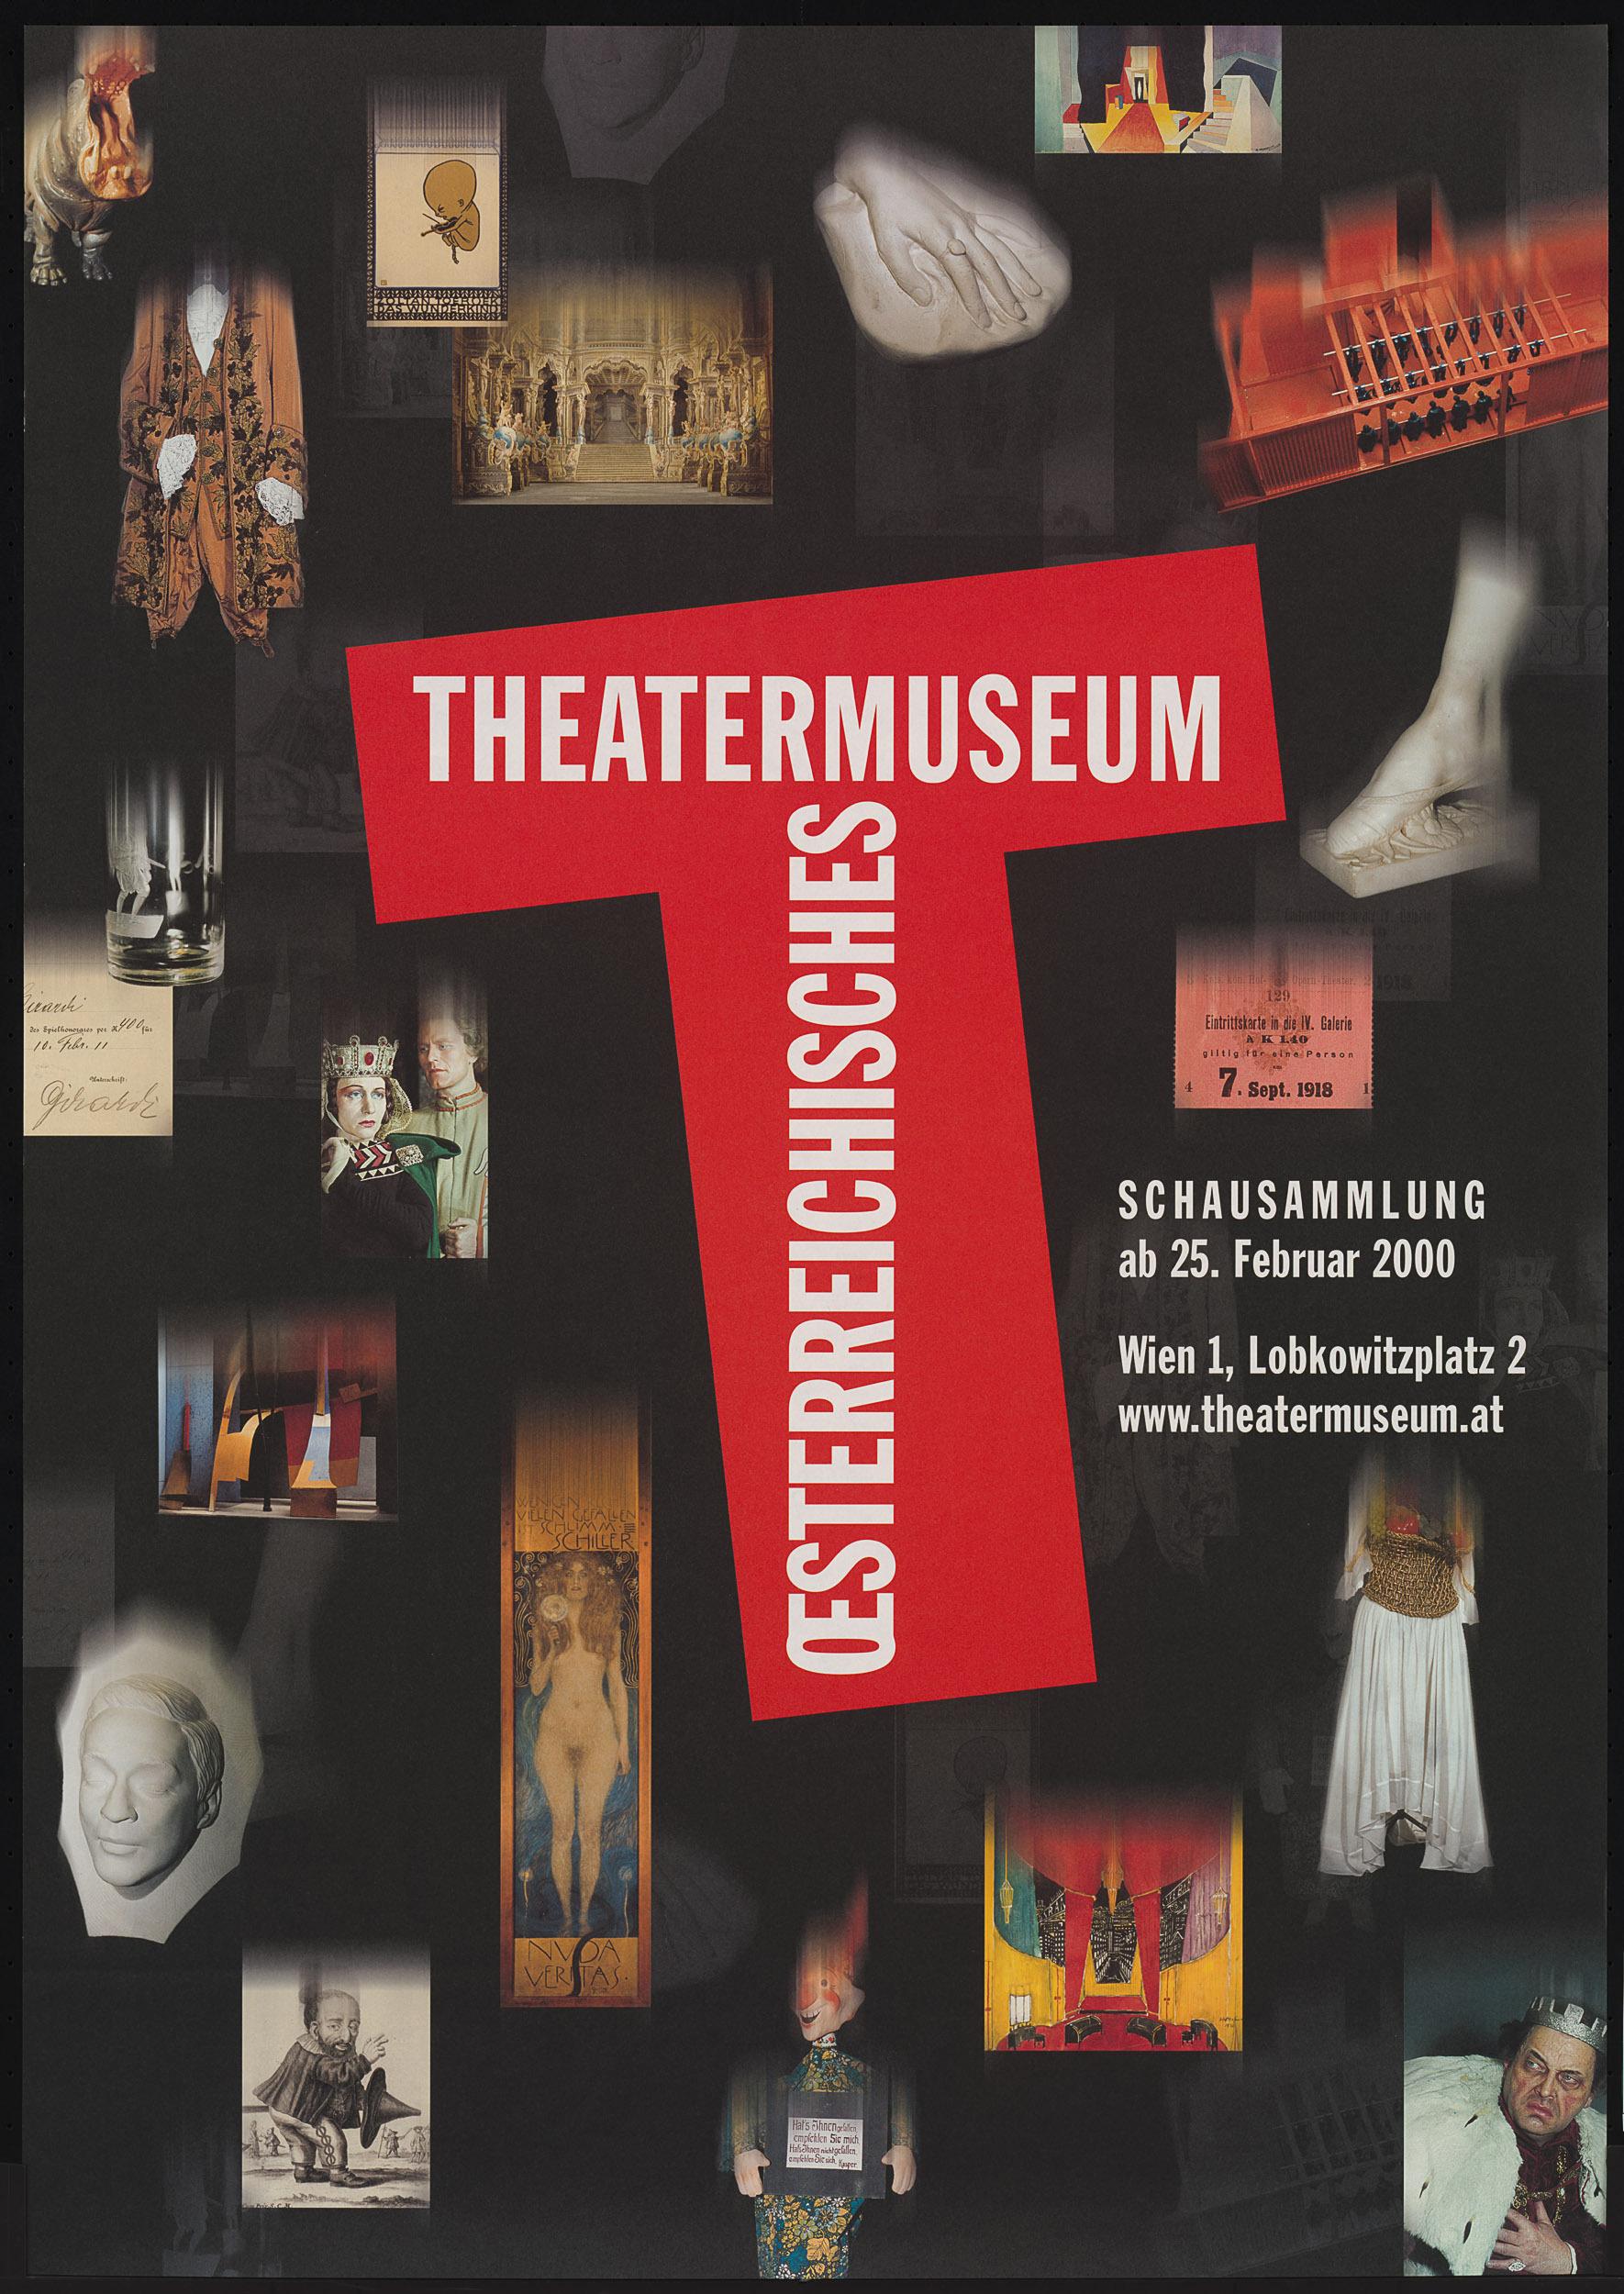 Schausammlung von Theatermuseum, Wien